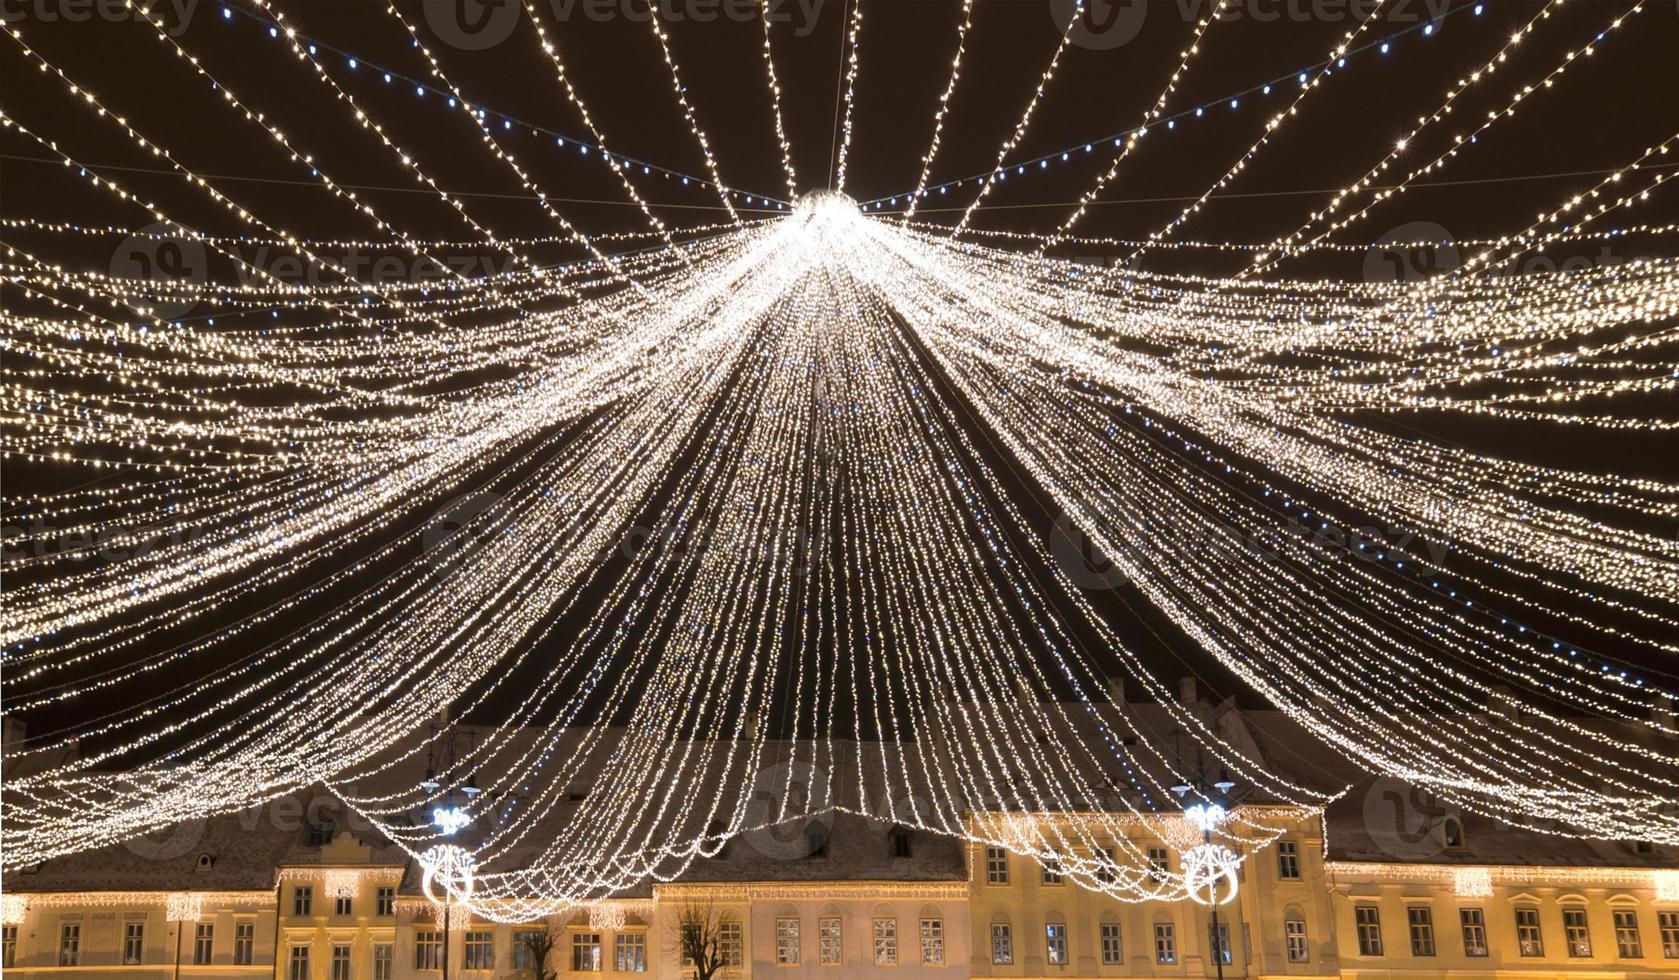 lumières de Noël sur la place de la vieille ville photo